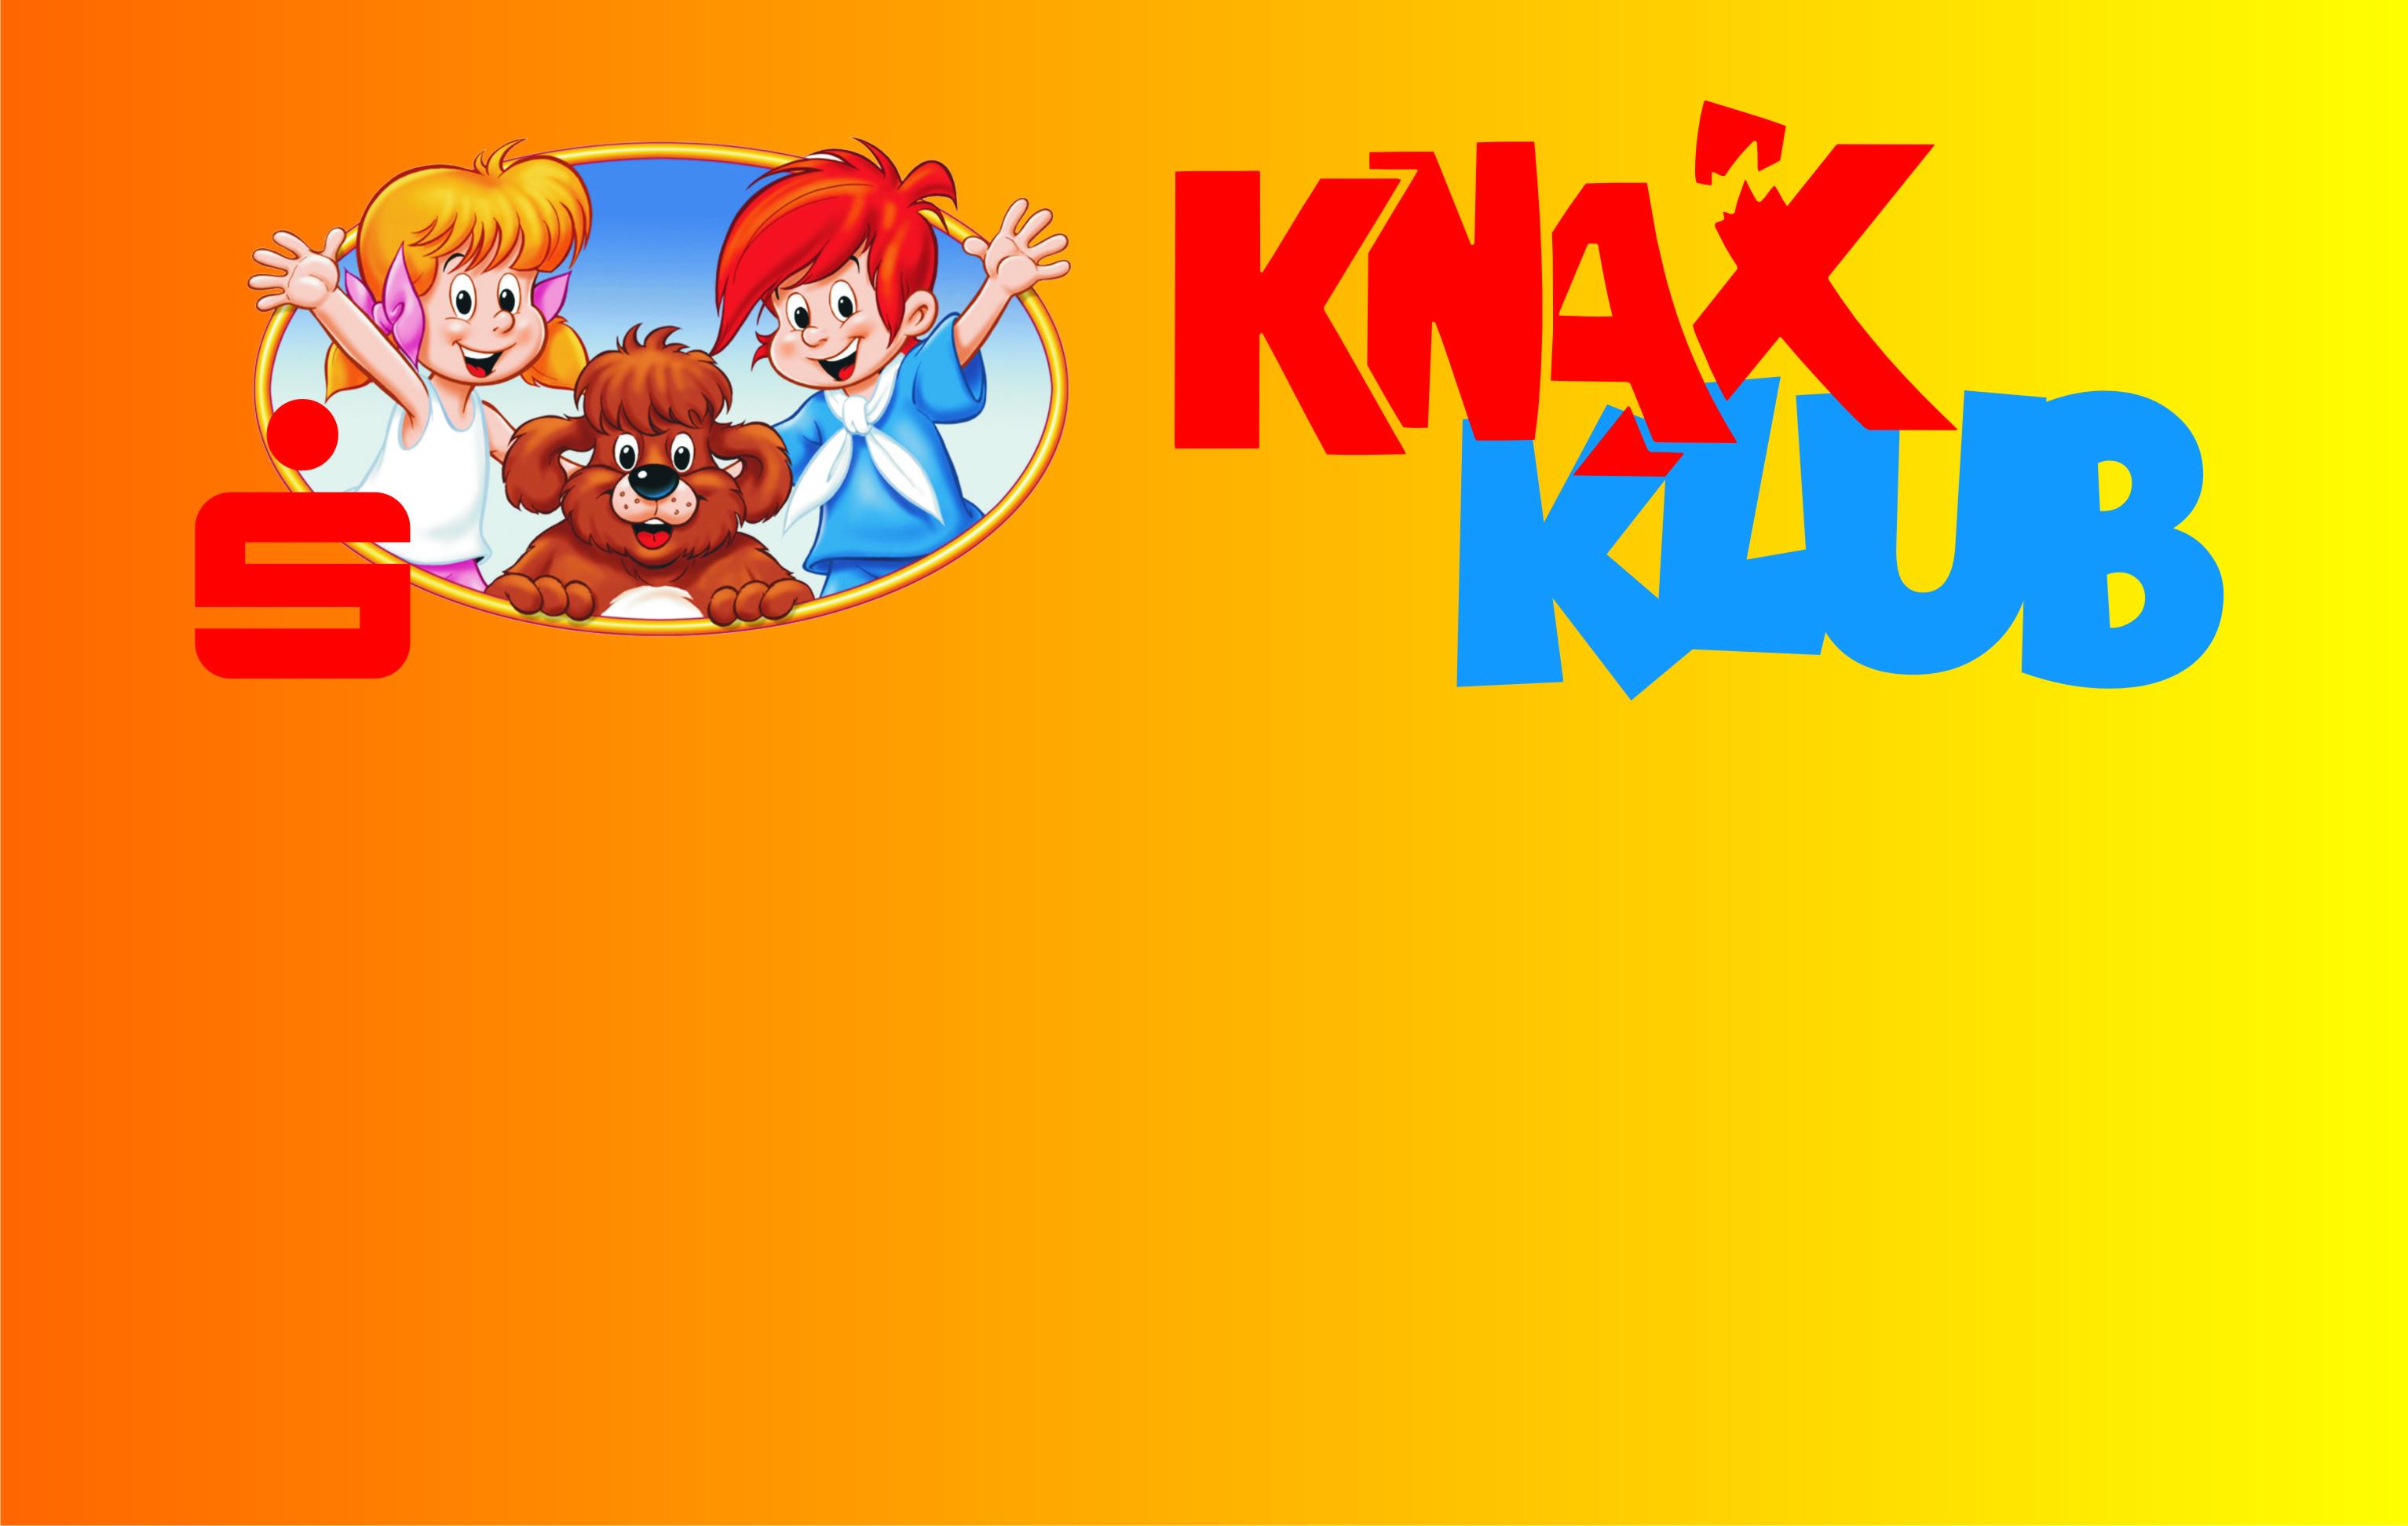 ANMELDEBEGINN für KnaxKlub-Mitglieder für die Veranstaltungen des KnaxKlubs